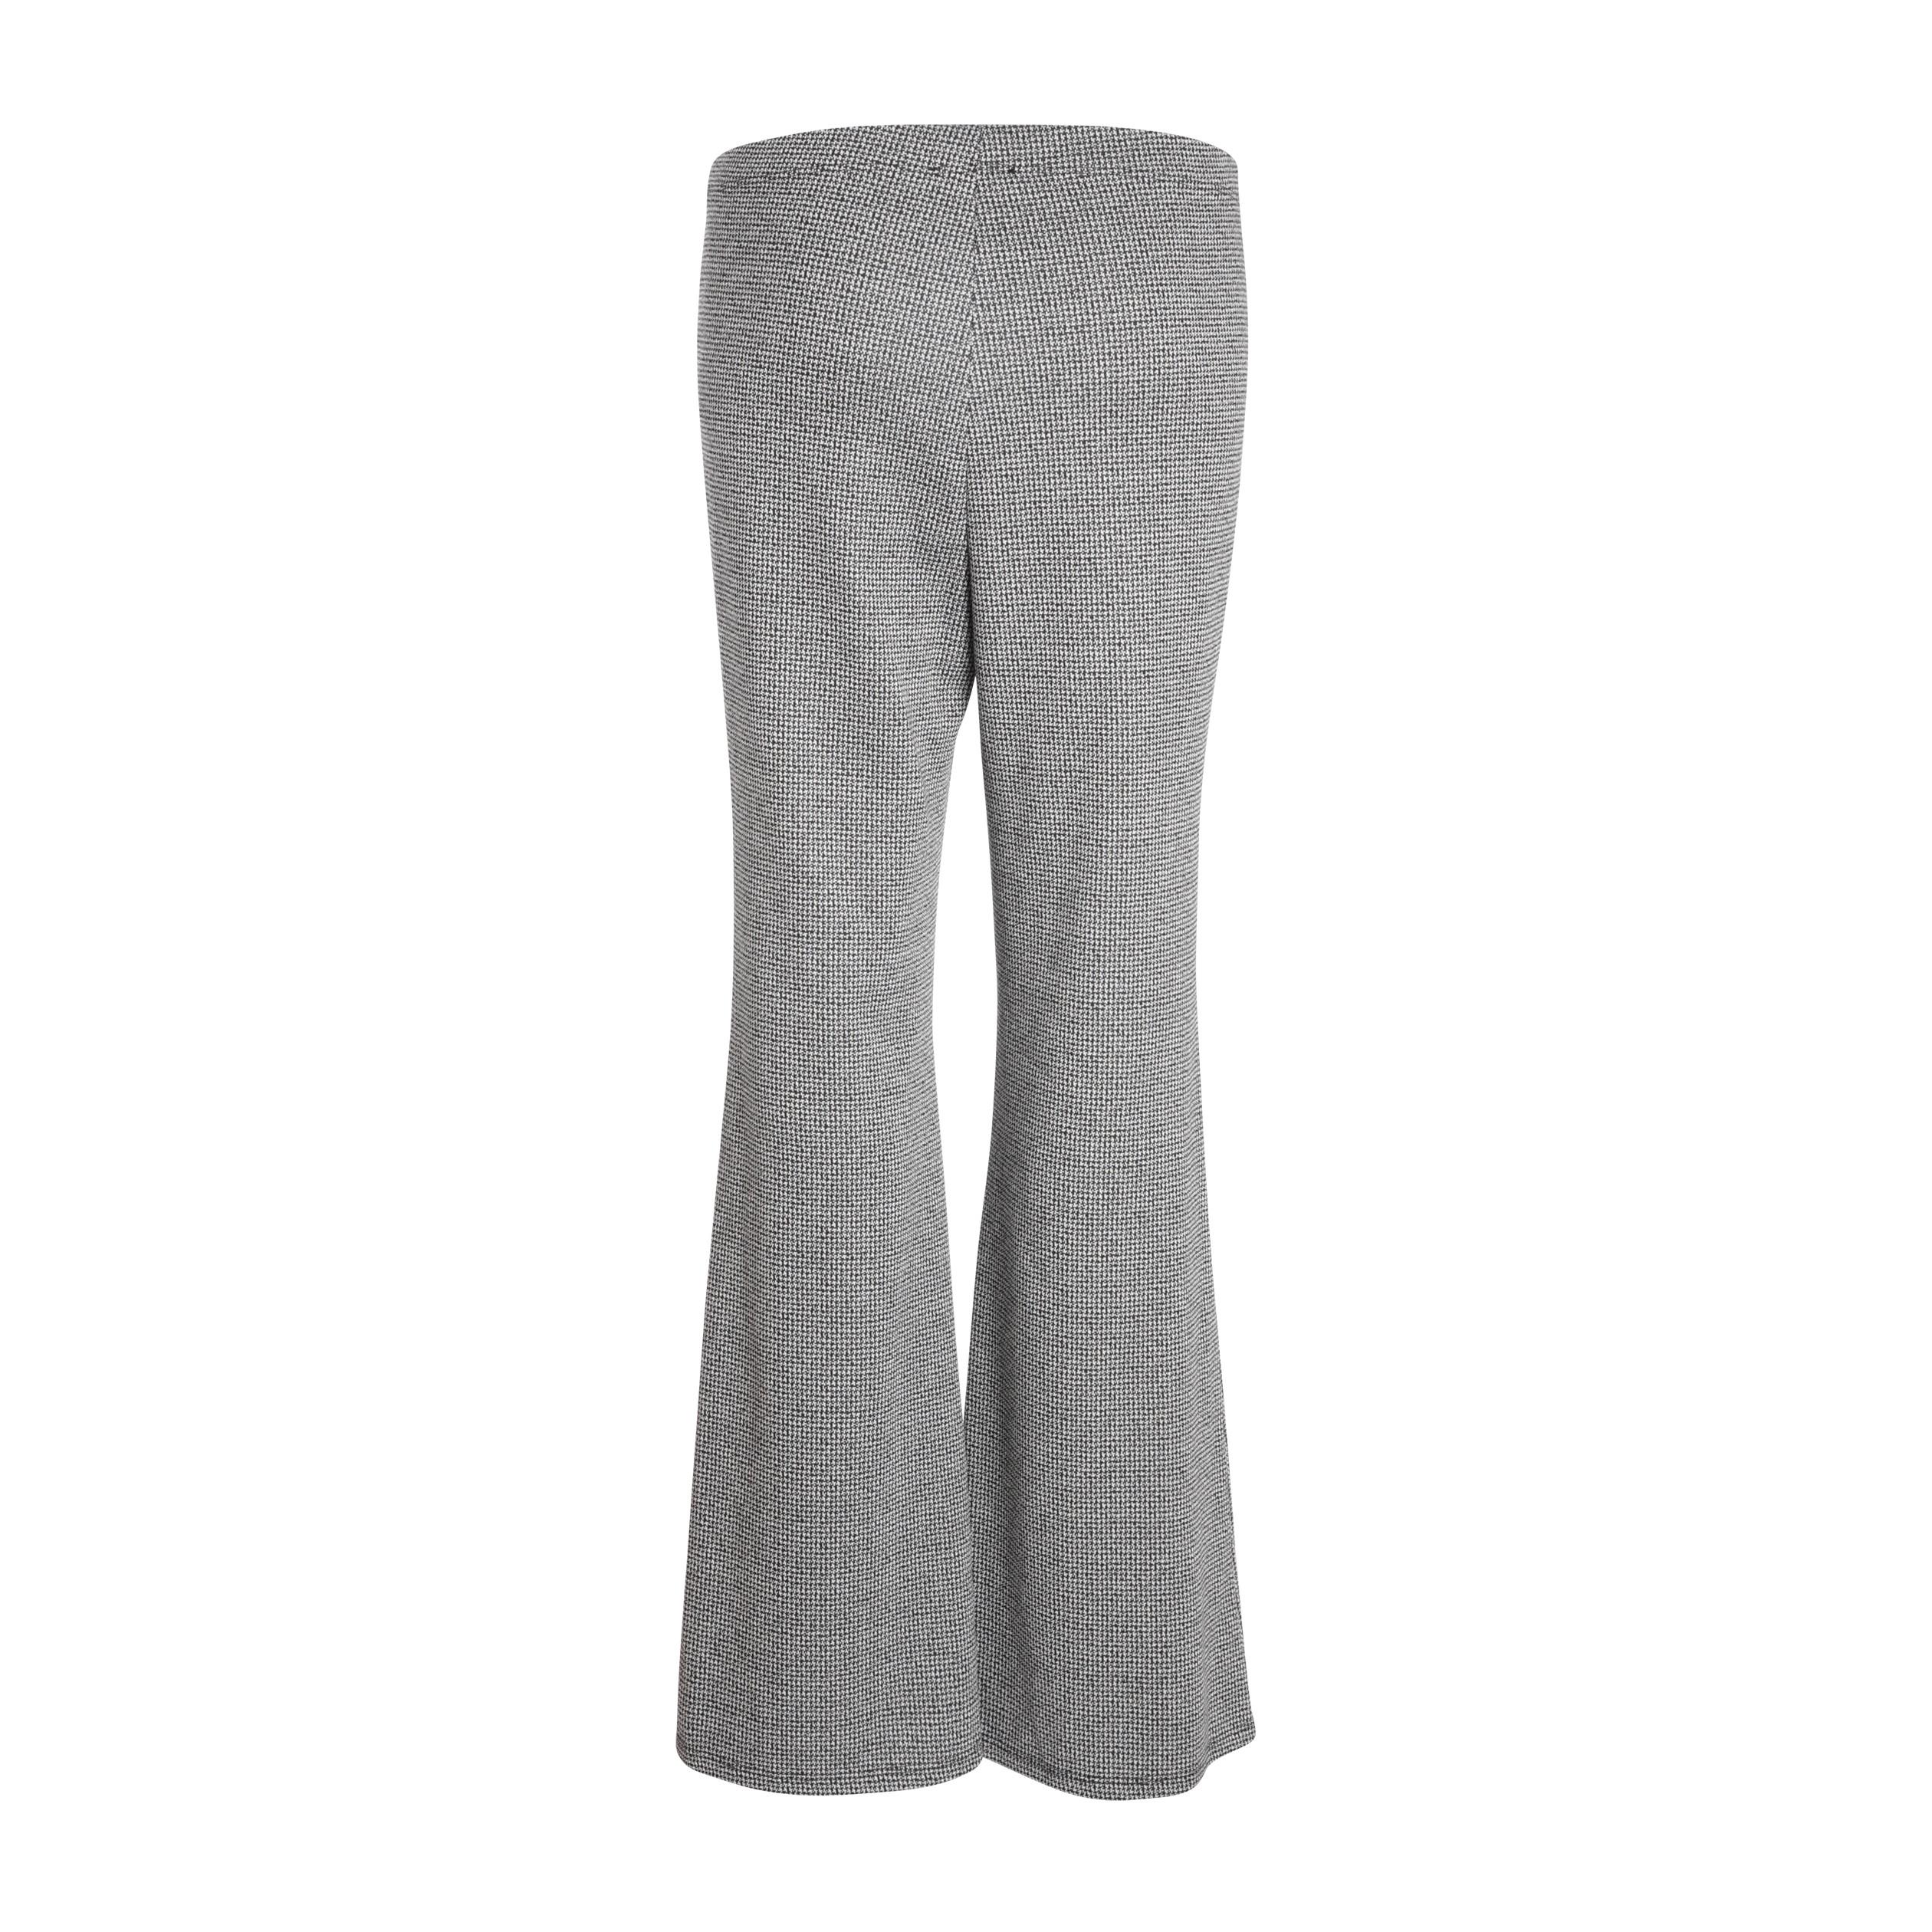 Femme Pantalon Noir Standard Ample Taille CsQrdxth